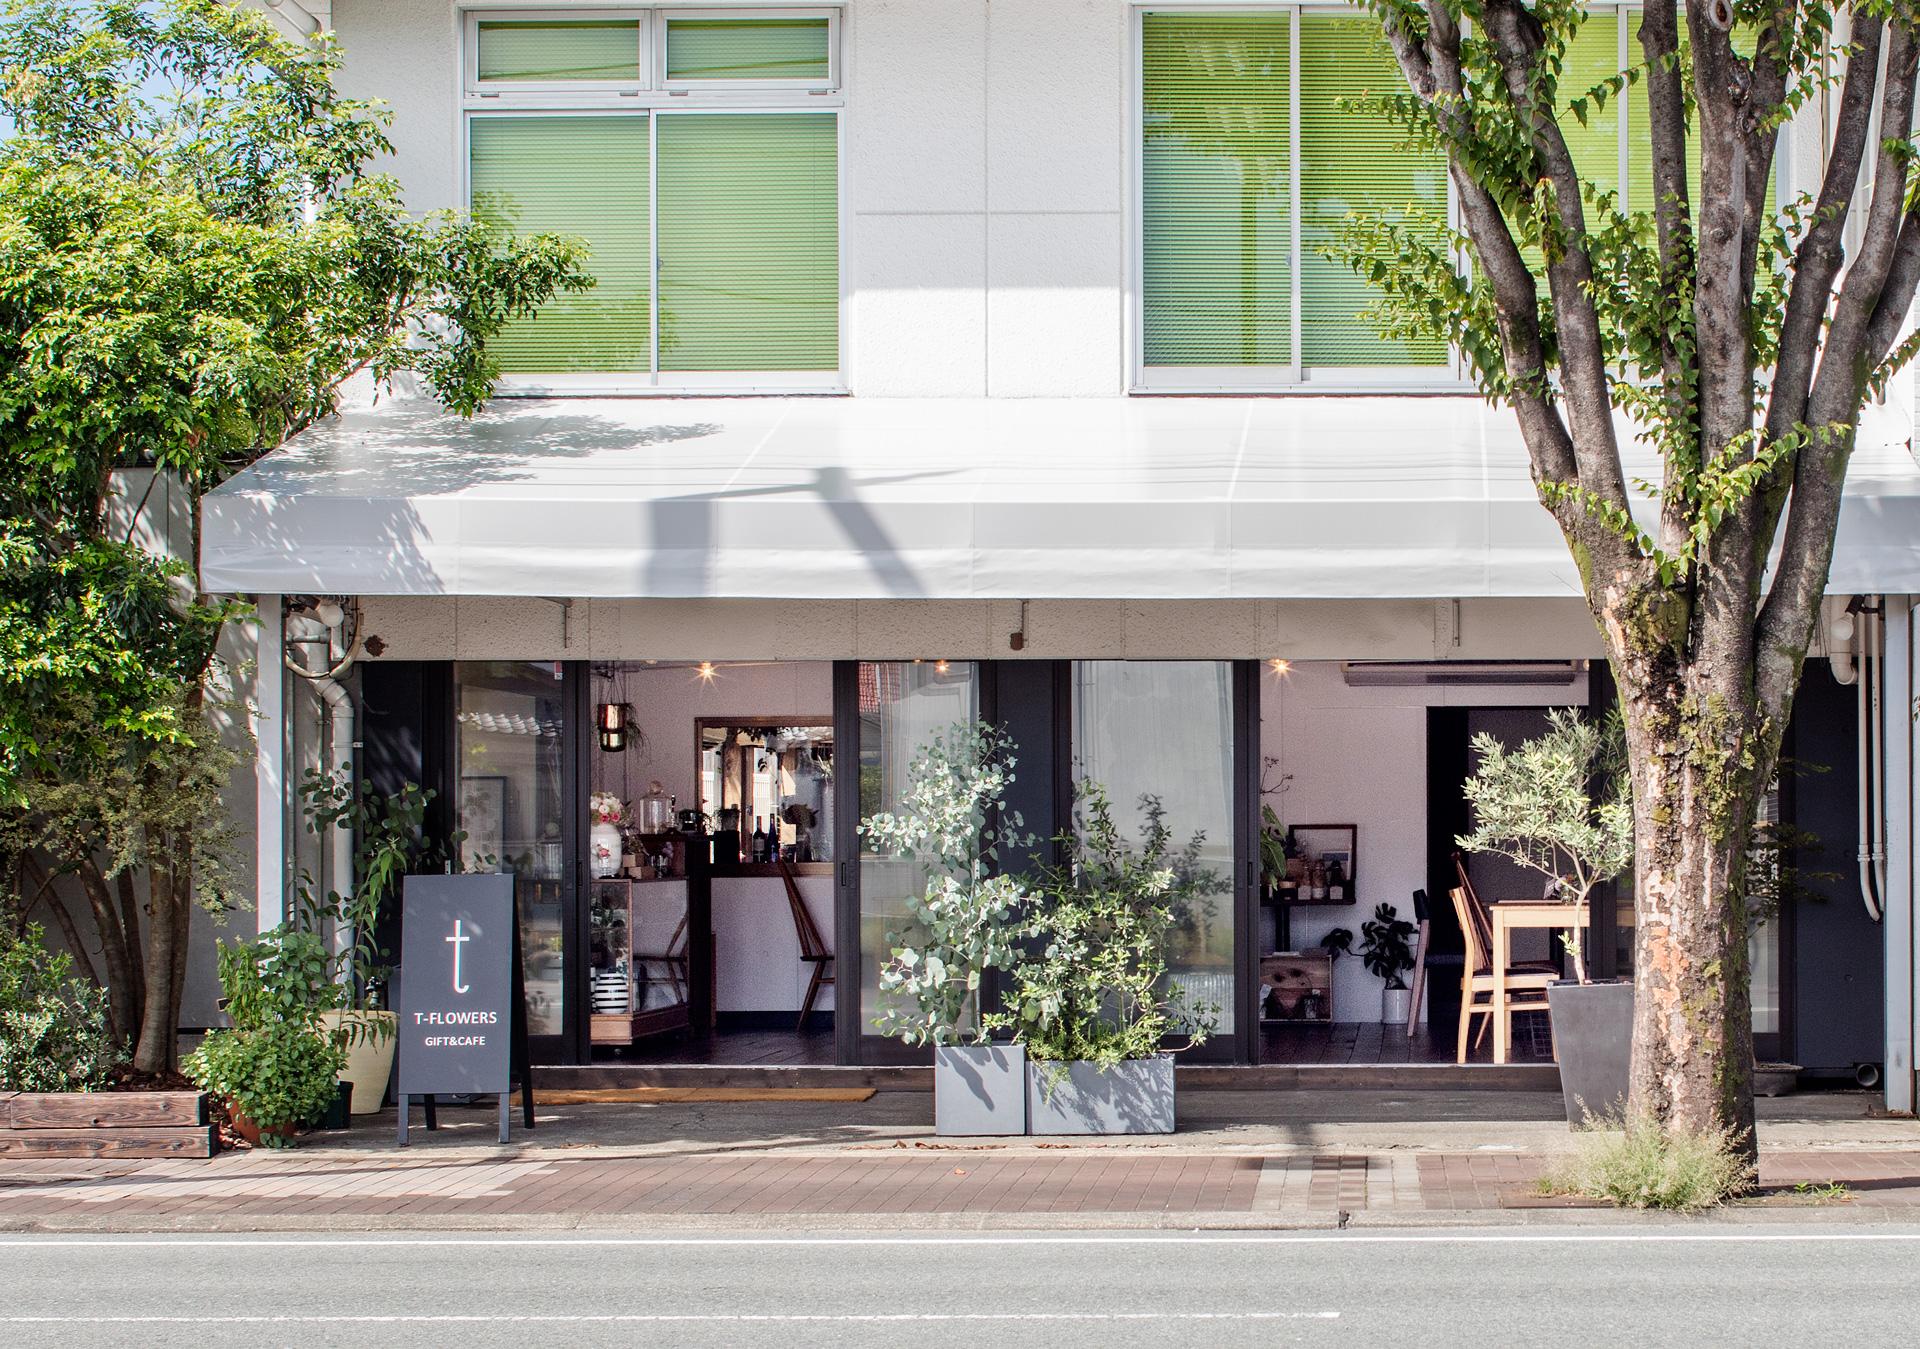 熊本市西区花屋カフェ T-FLOWERS ティ-フラワーズ